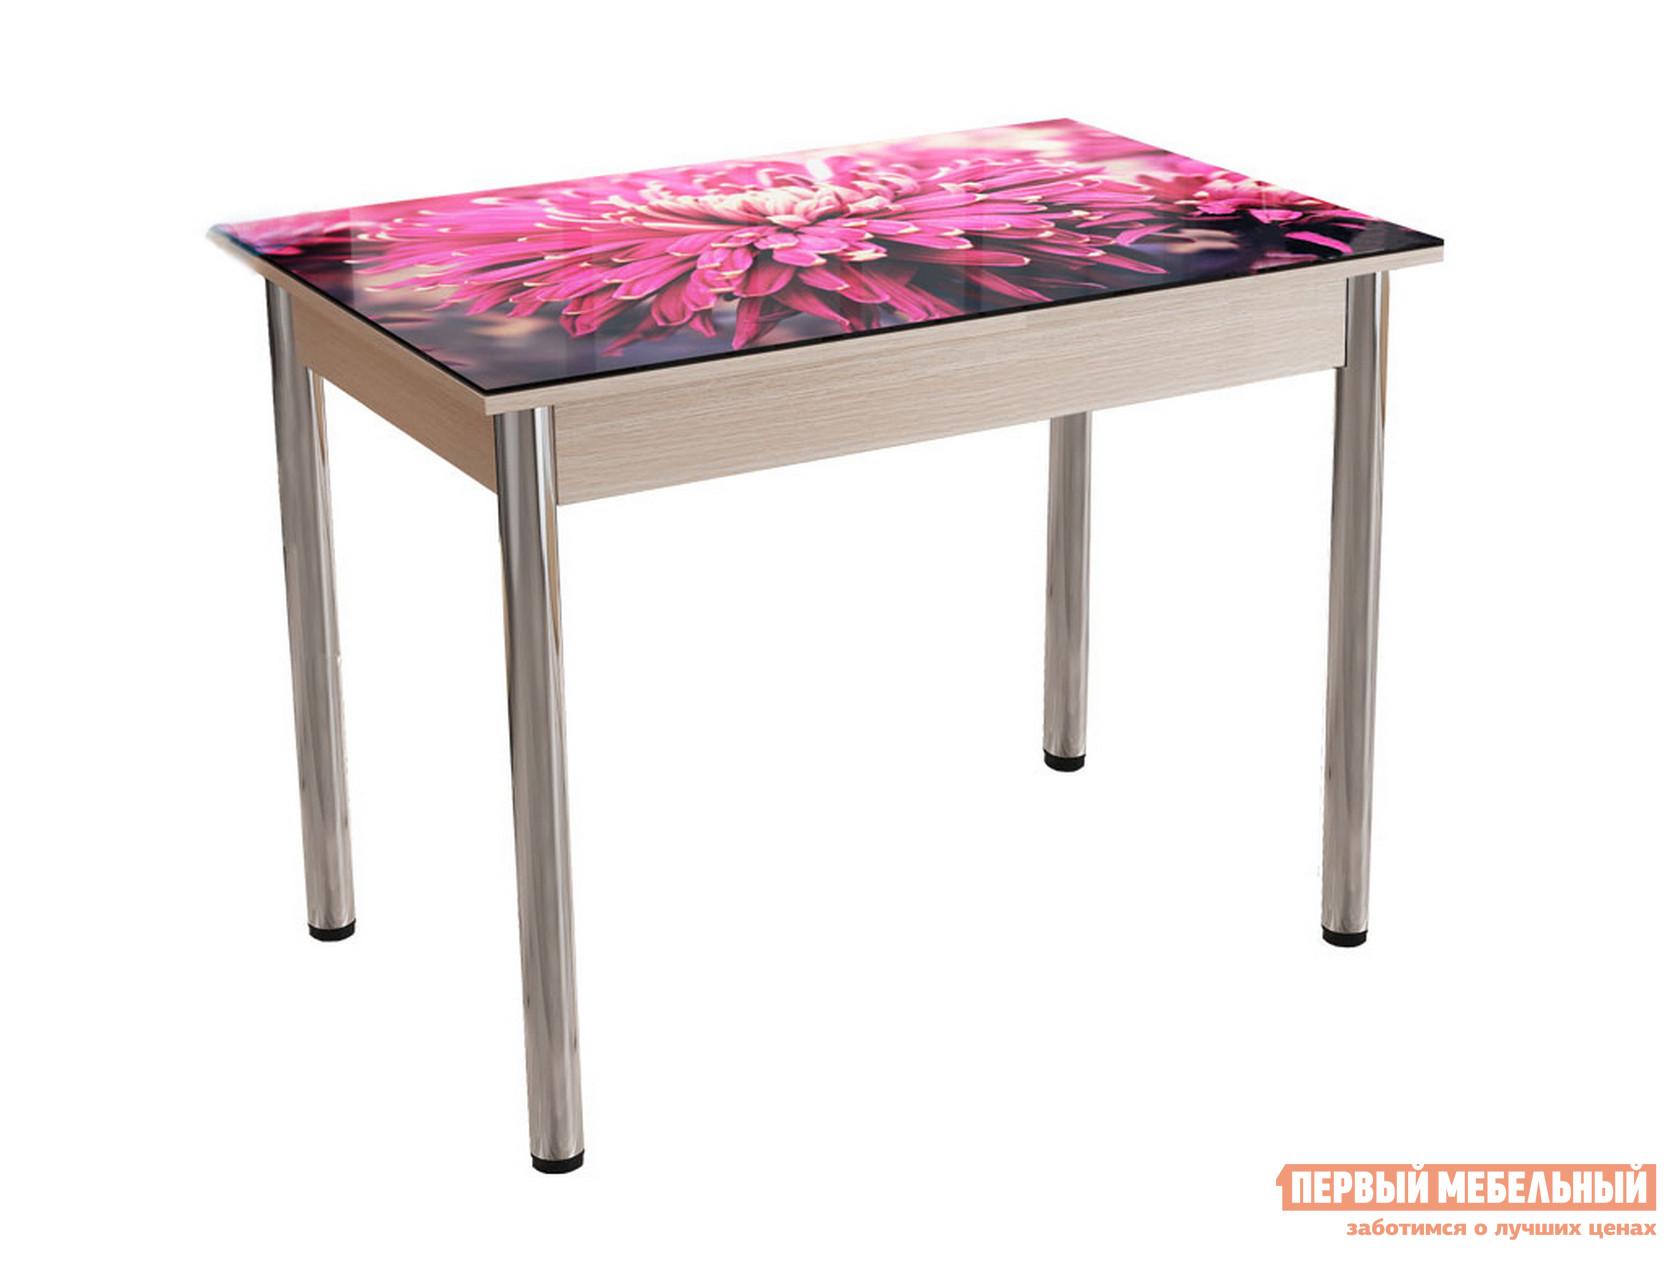 Обеденный стол Первый Мебельный Стол обеденный Белла